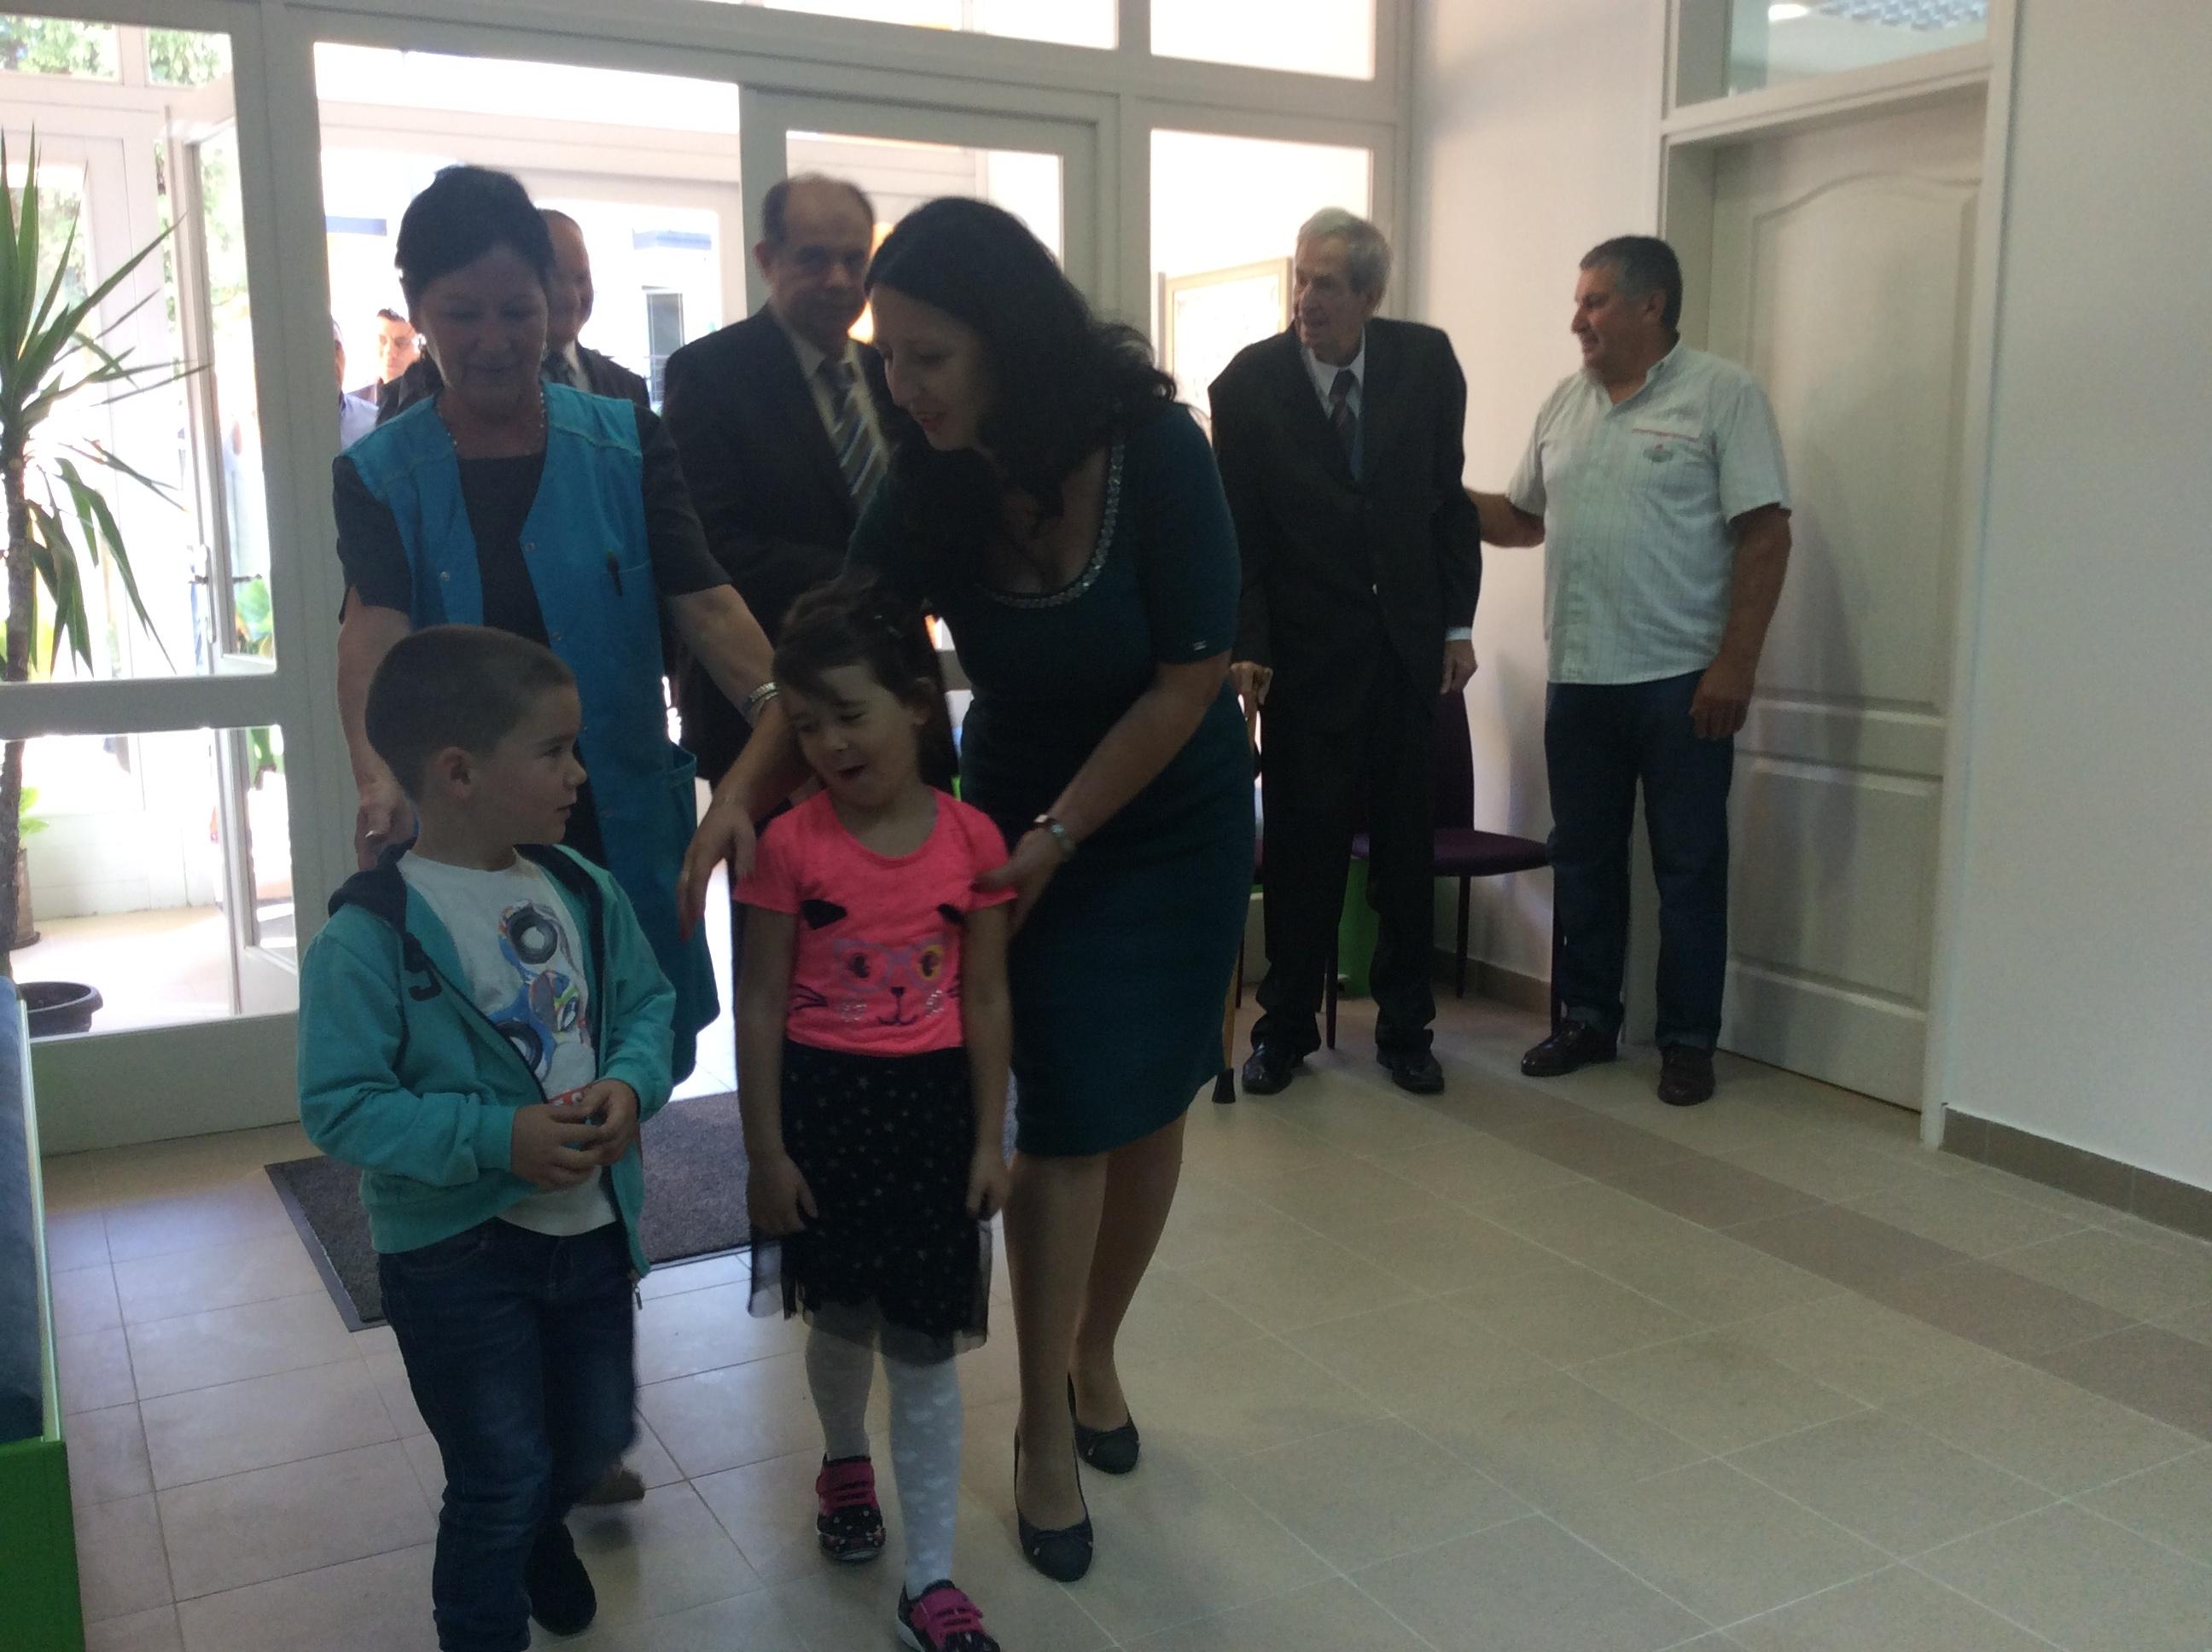 Mia i David koji su upisani u vrtić na Pori poželeli su dobrodošlicu zvaničnicima grada Foto--URP